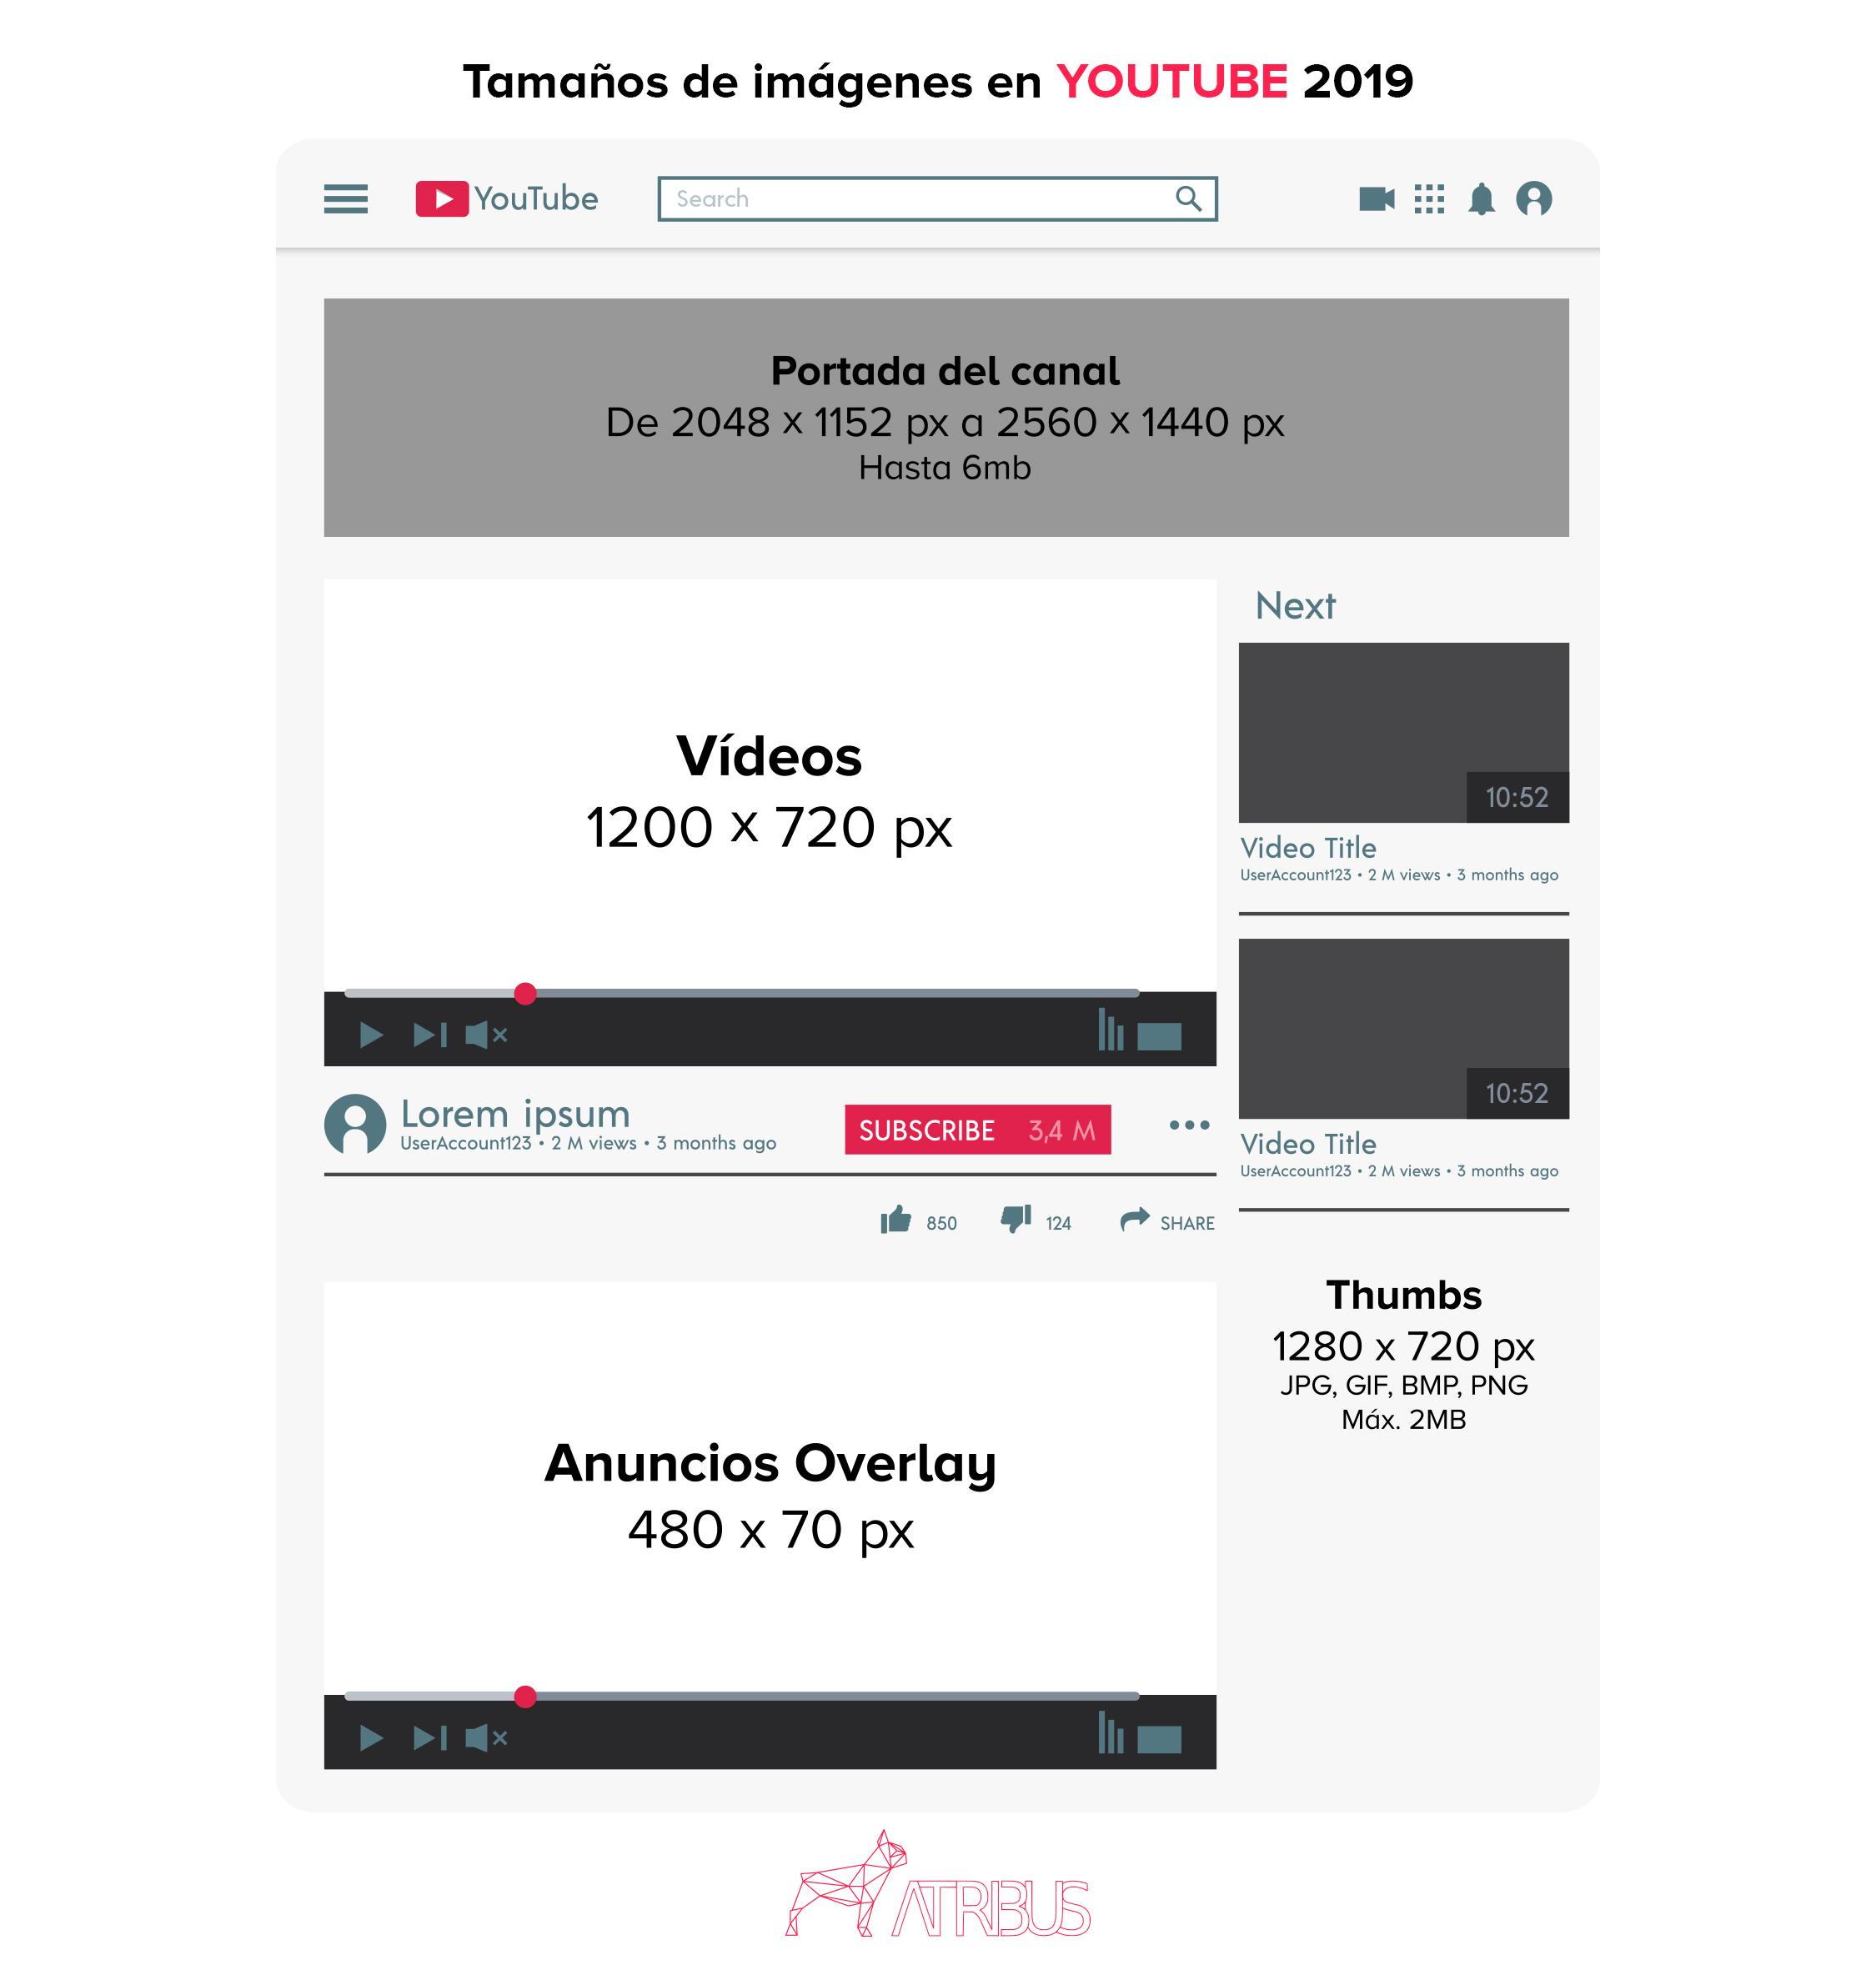 Guía Tamaño de Imágenes en YouTube 2019